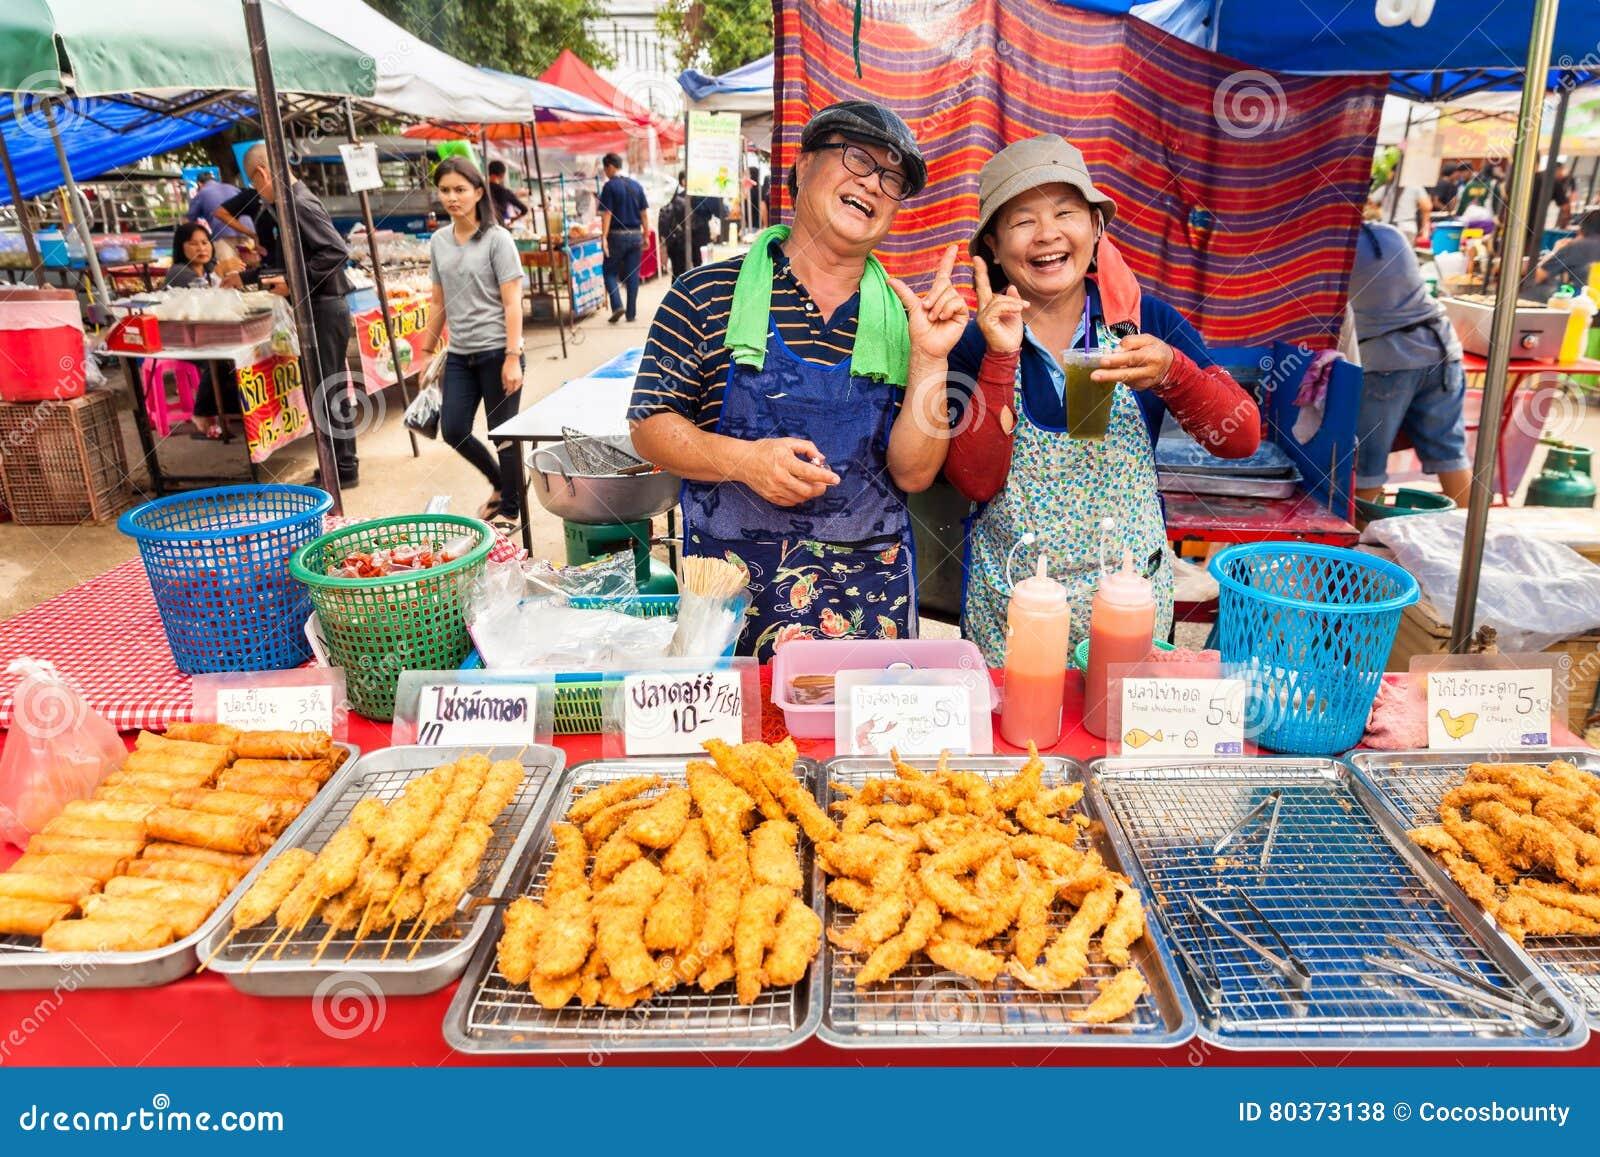 Nourriture tha landaise de la tha lande sur la rue bangkok - Cuisine thailandaise traditionnelle ...